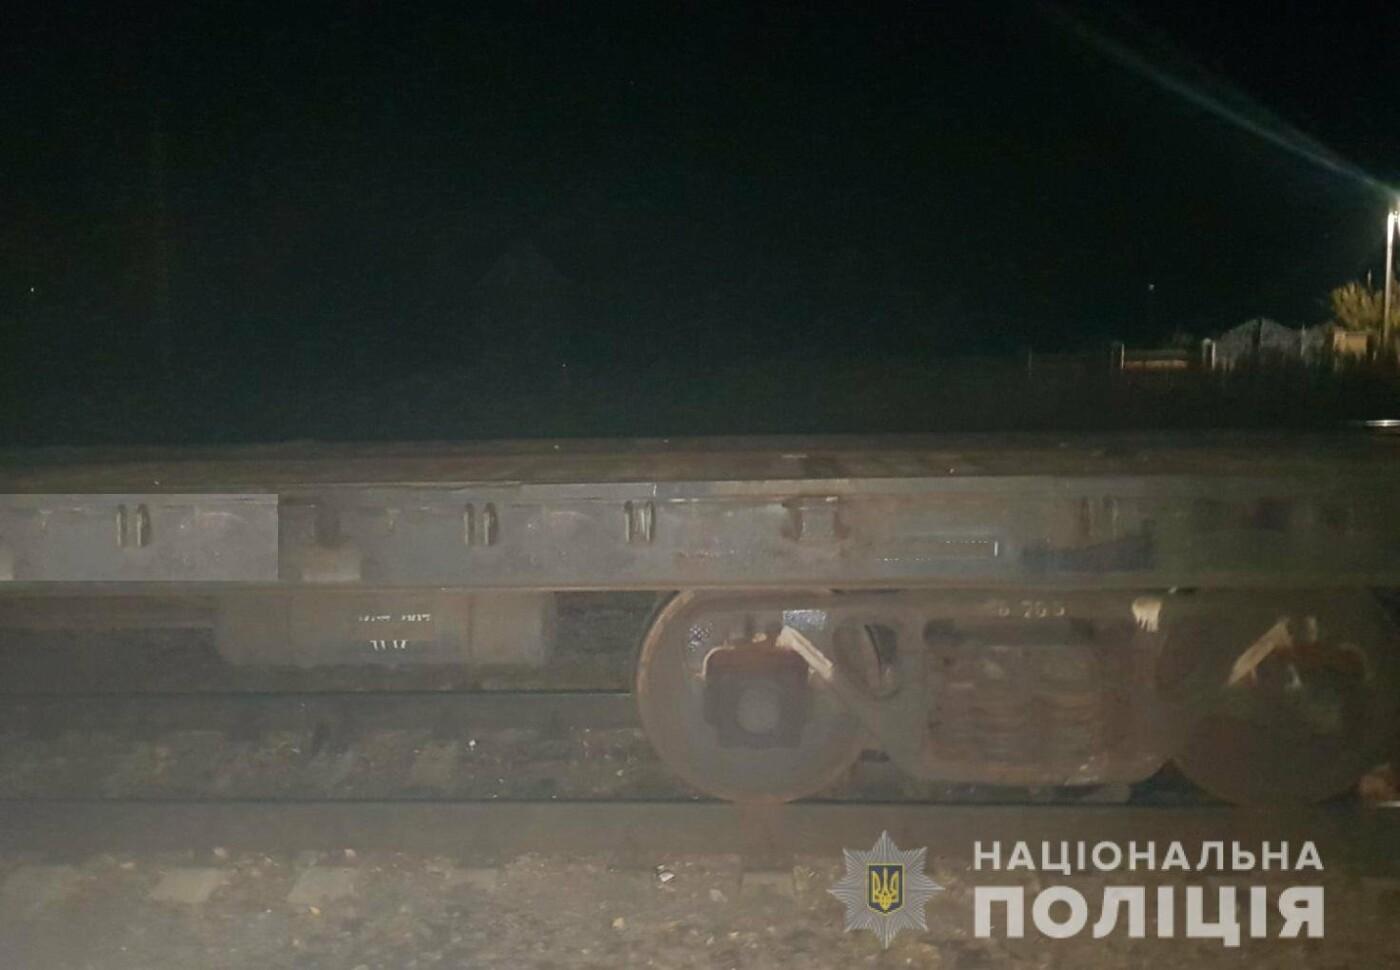 На Харьковщине грузовой поезд насмерть сбил мужчину, сидевшего на ...